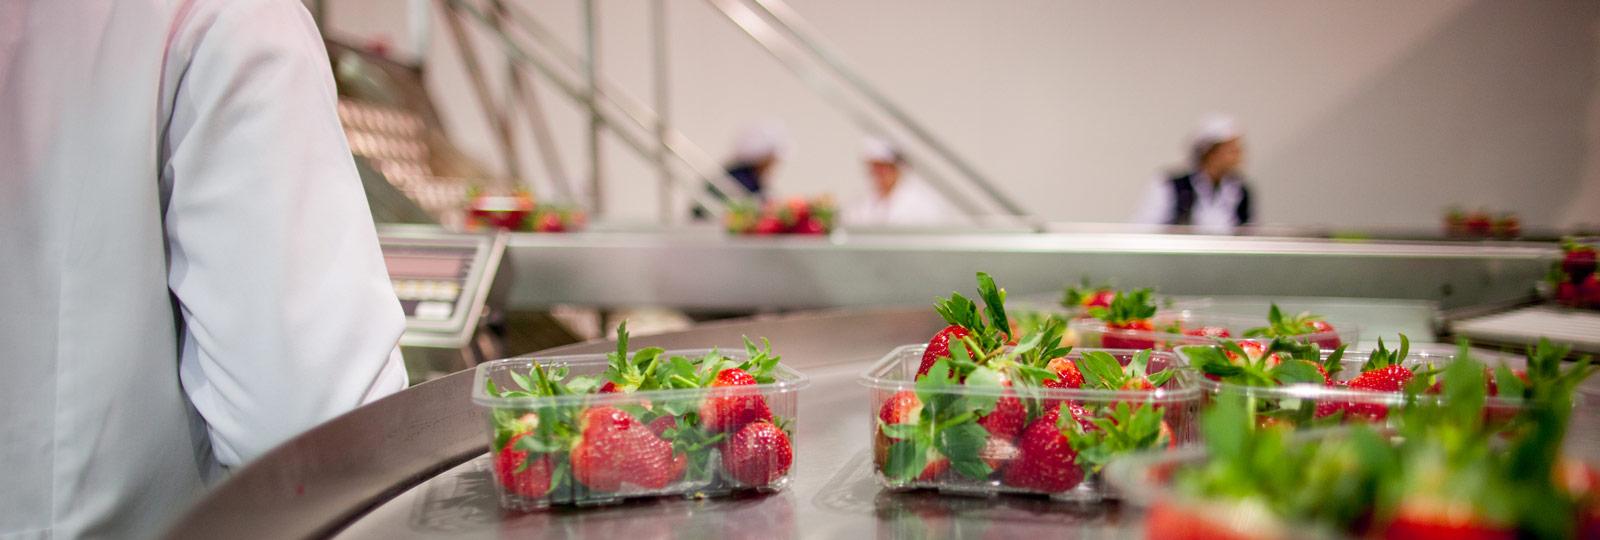 Productores de Berries - SurExport